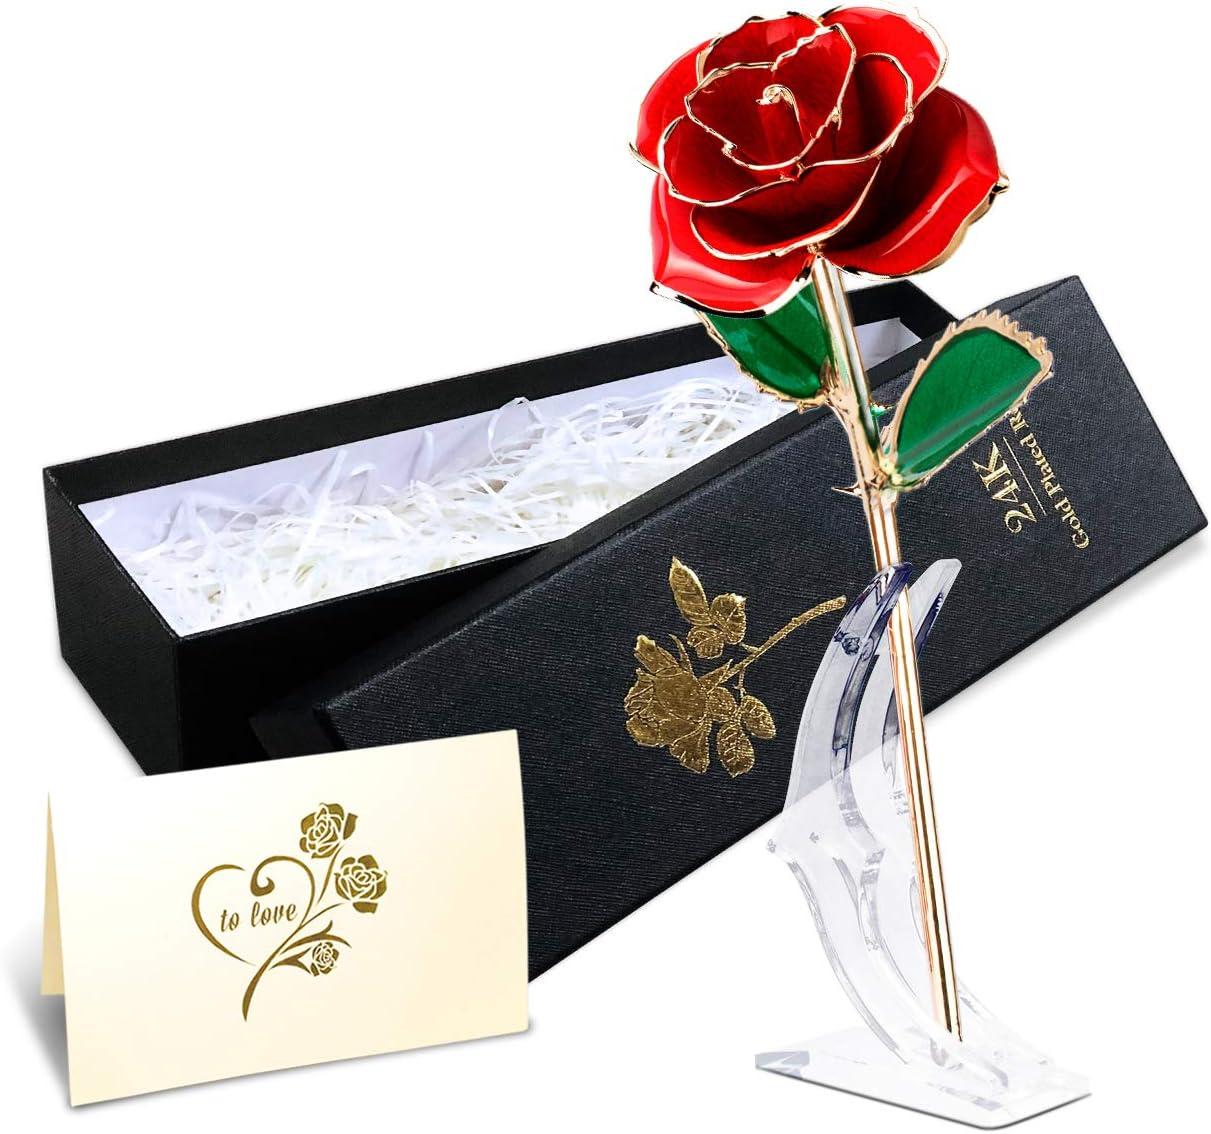 Esposa,Aniversario,Cumplea/ños Regalo Mujer,Novia Rosa de Oro 24K,Rosa Eterna Flores Chapadas en Oro con Base Soporte Transparente y Caja de Regalo para el D/ía de San Valent/ín,el D/ía de Madre